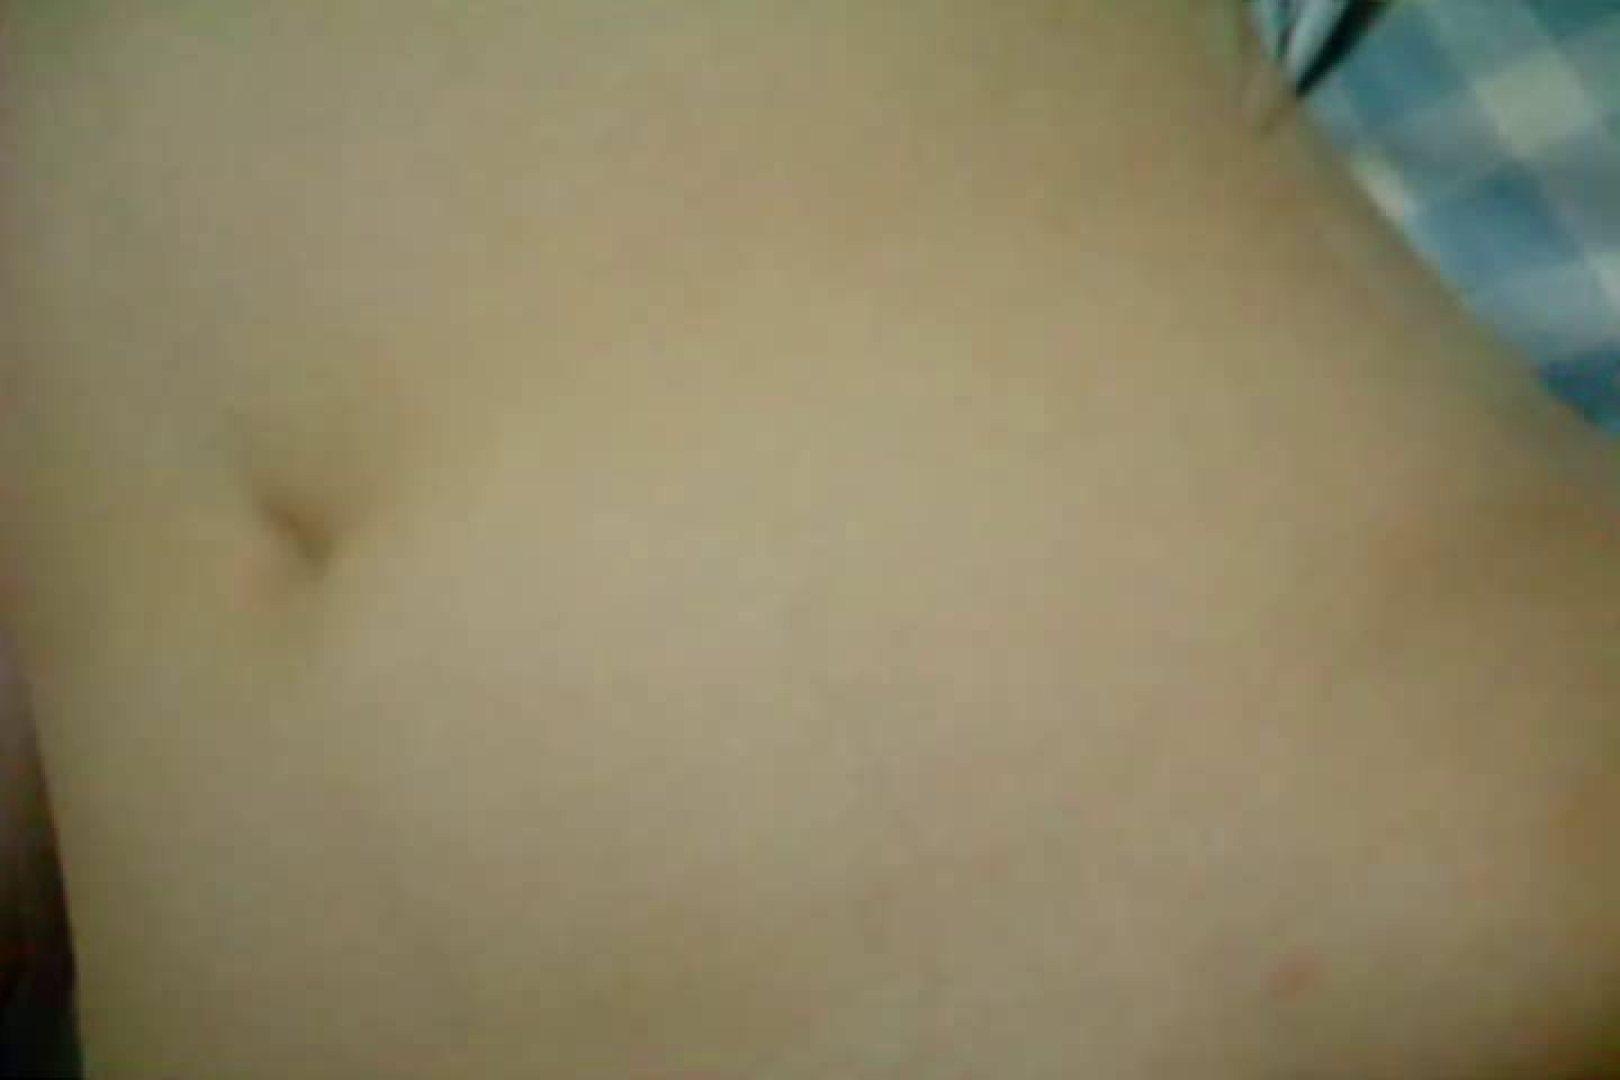 ウイルス流出 鹿児島県庁職員 中瀬瀬久成の流出ビデオ 流出作品  86pic 2